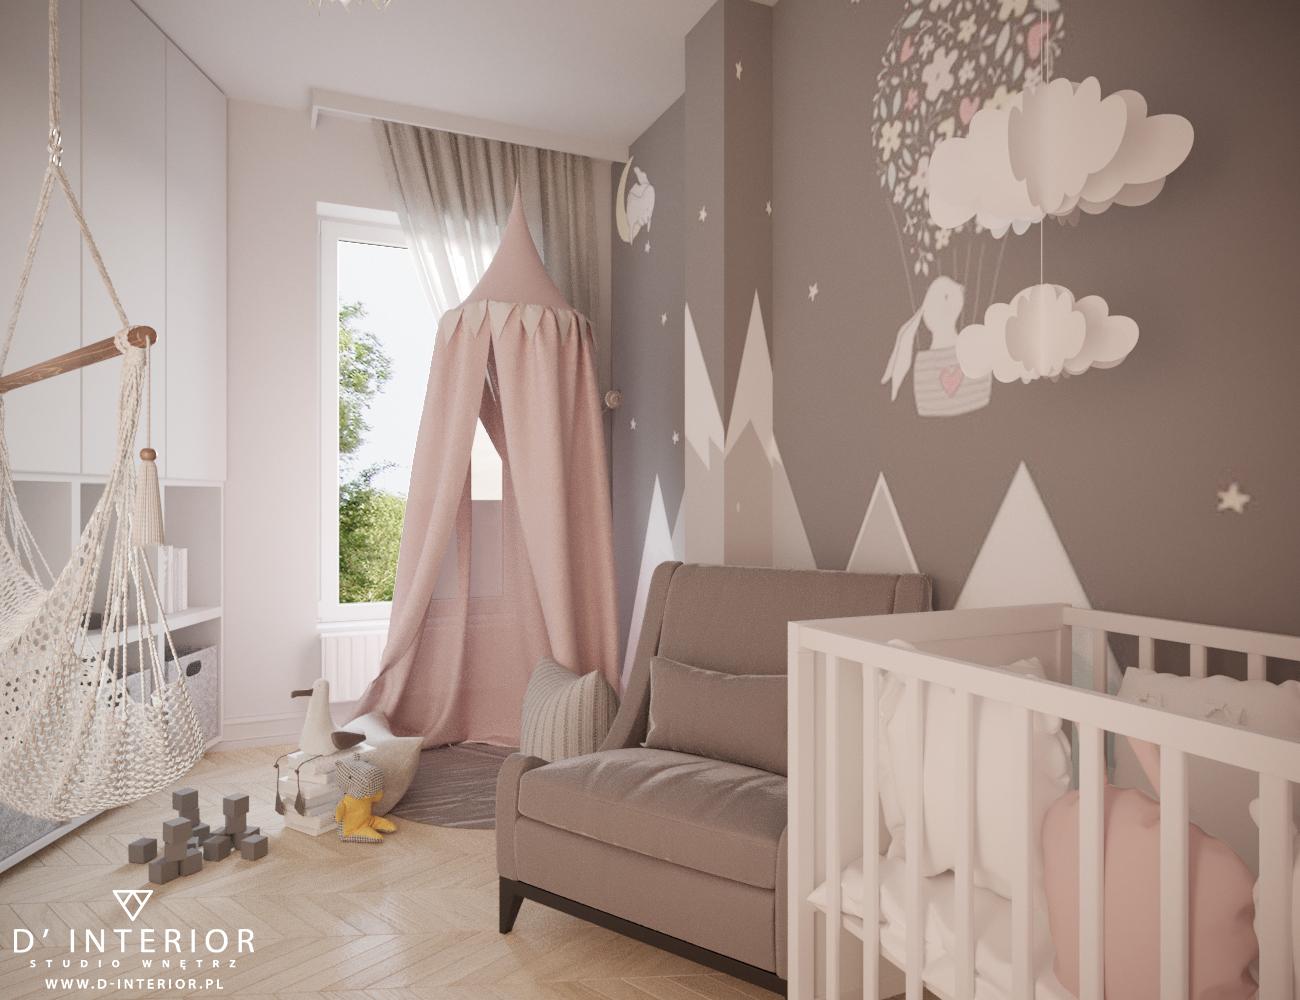 Projekt dziecięco pokoju